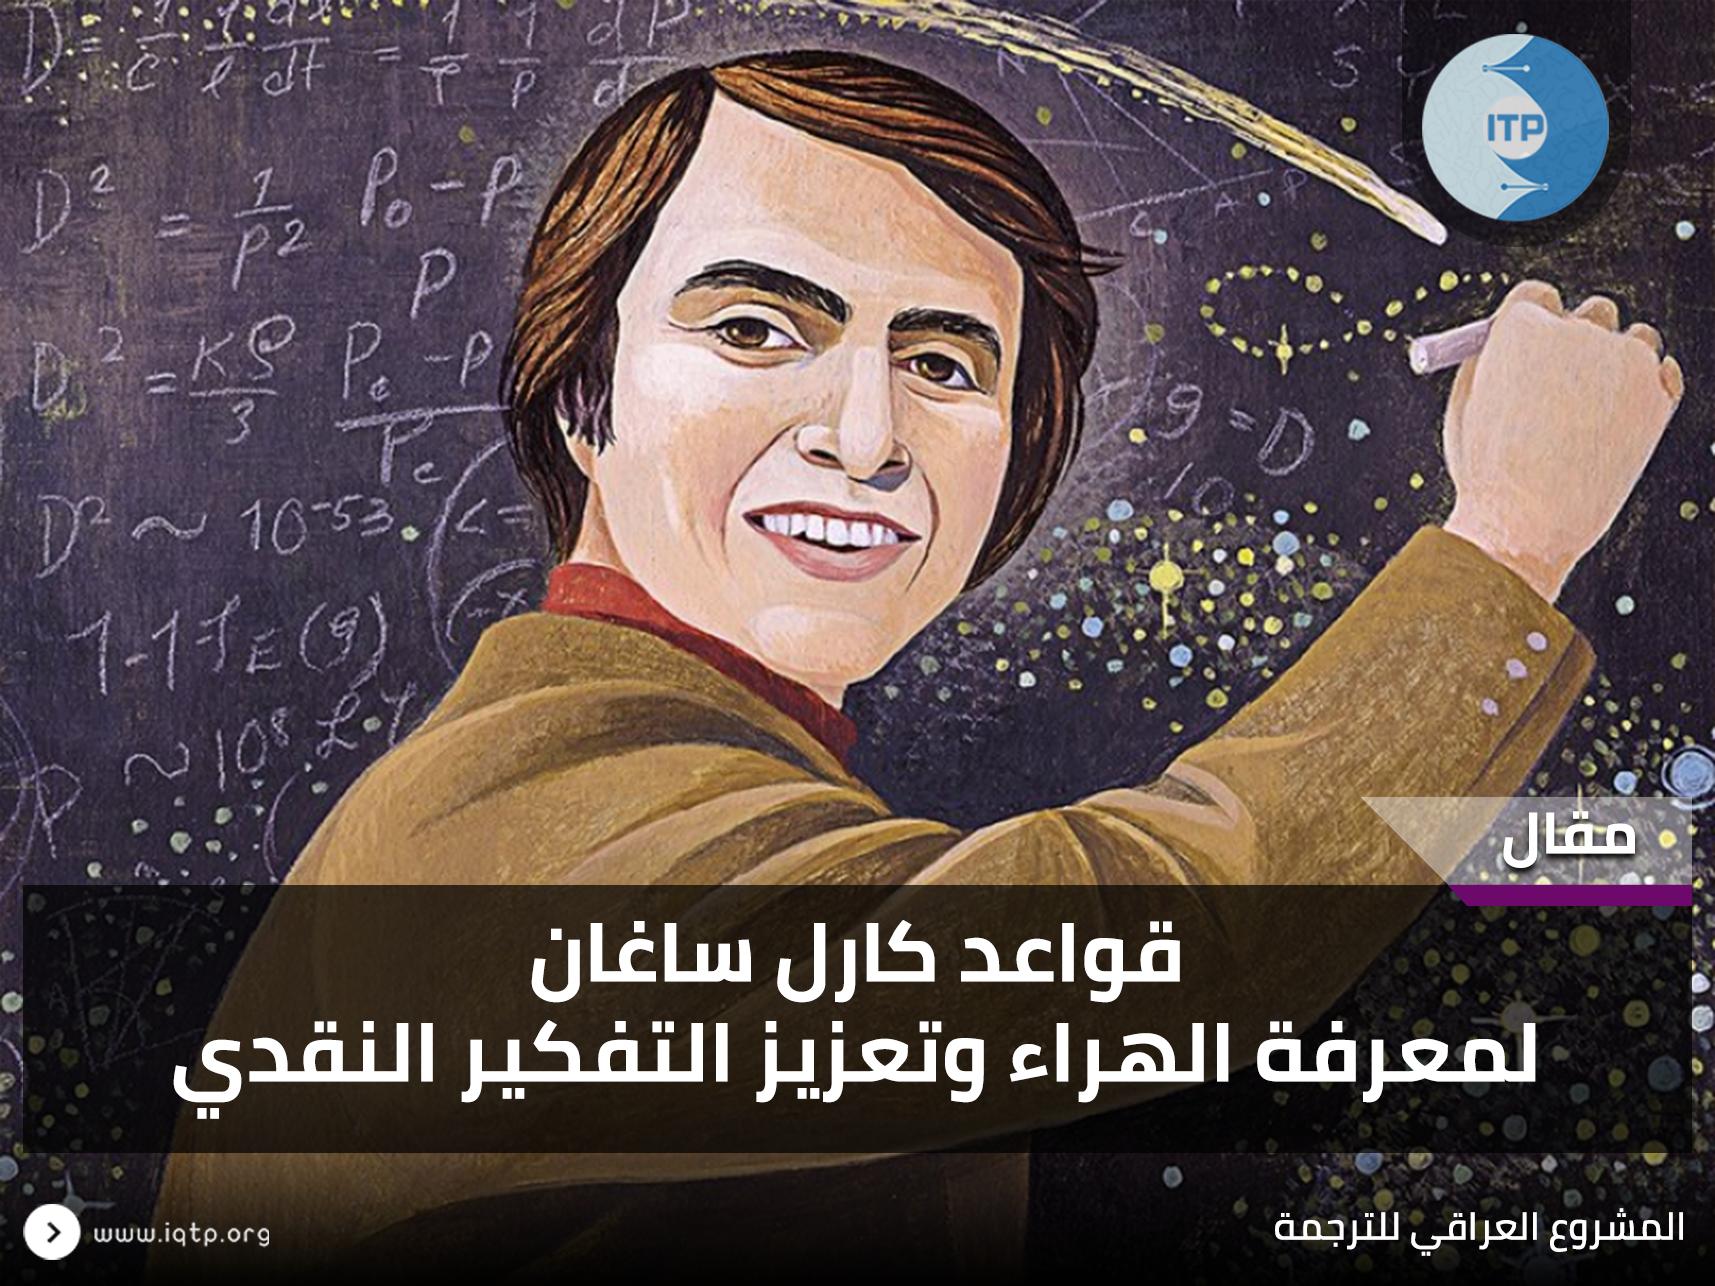 قواعد كارل ساغان لمعرفة الهراء وتعزيز التفكير النقدي